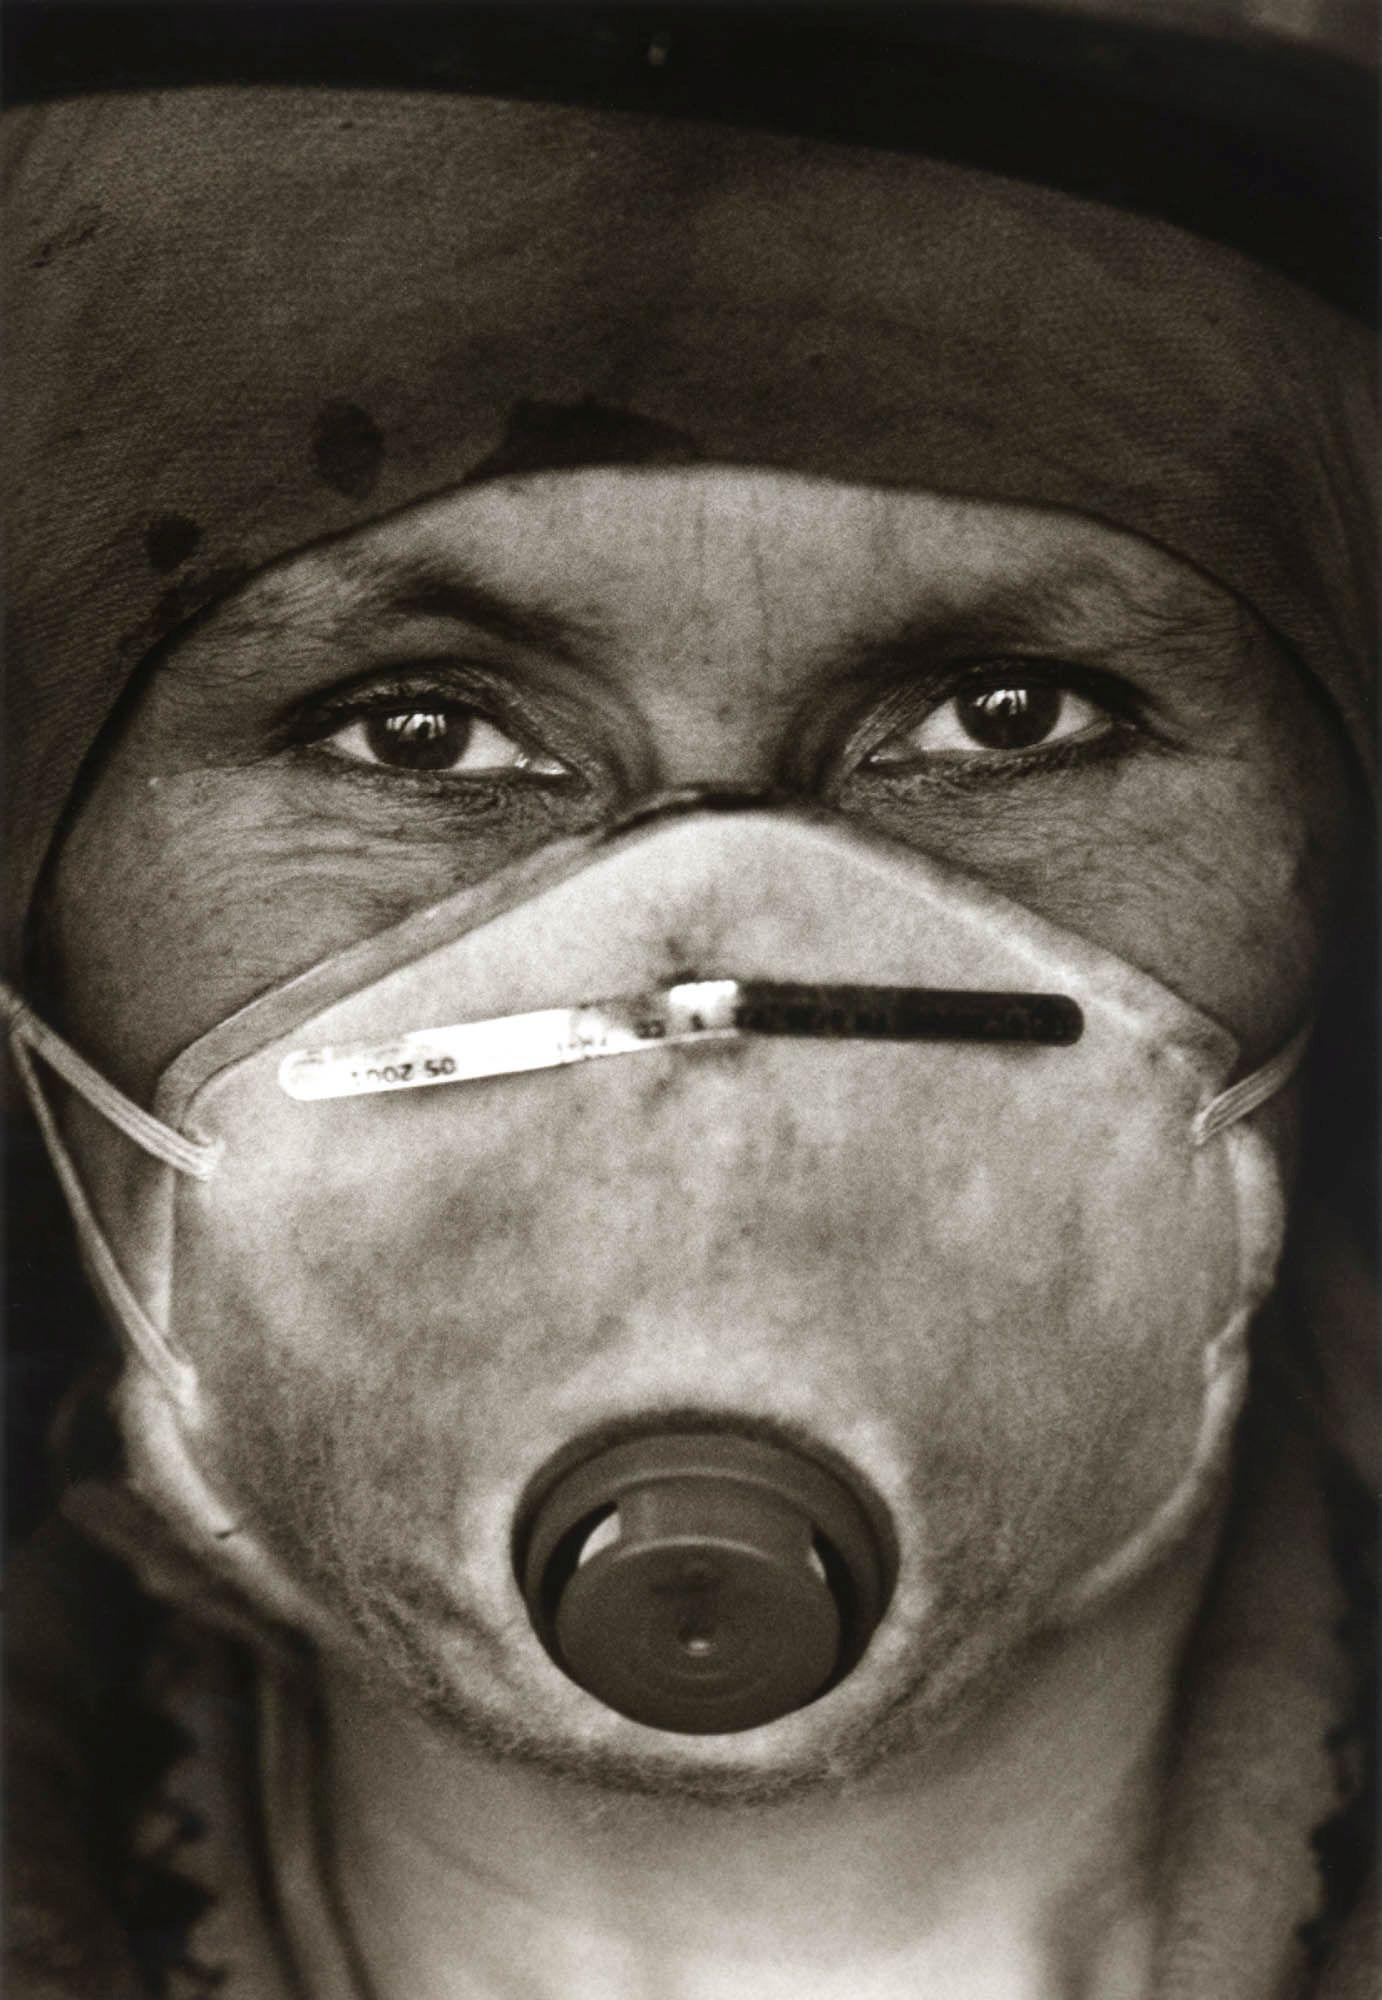 Bild: Dariusz Kantor aus der Serie: Von Kohle gezeichnet - Frauenarbeit im Steinkohlebergbau in Oberschlesien, 2002-2004